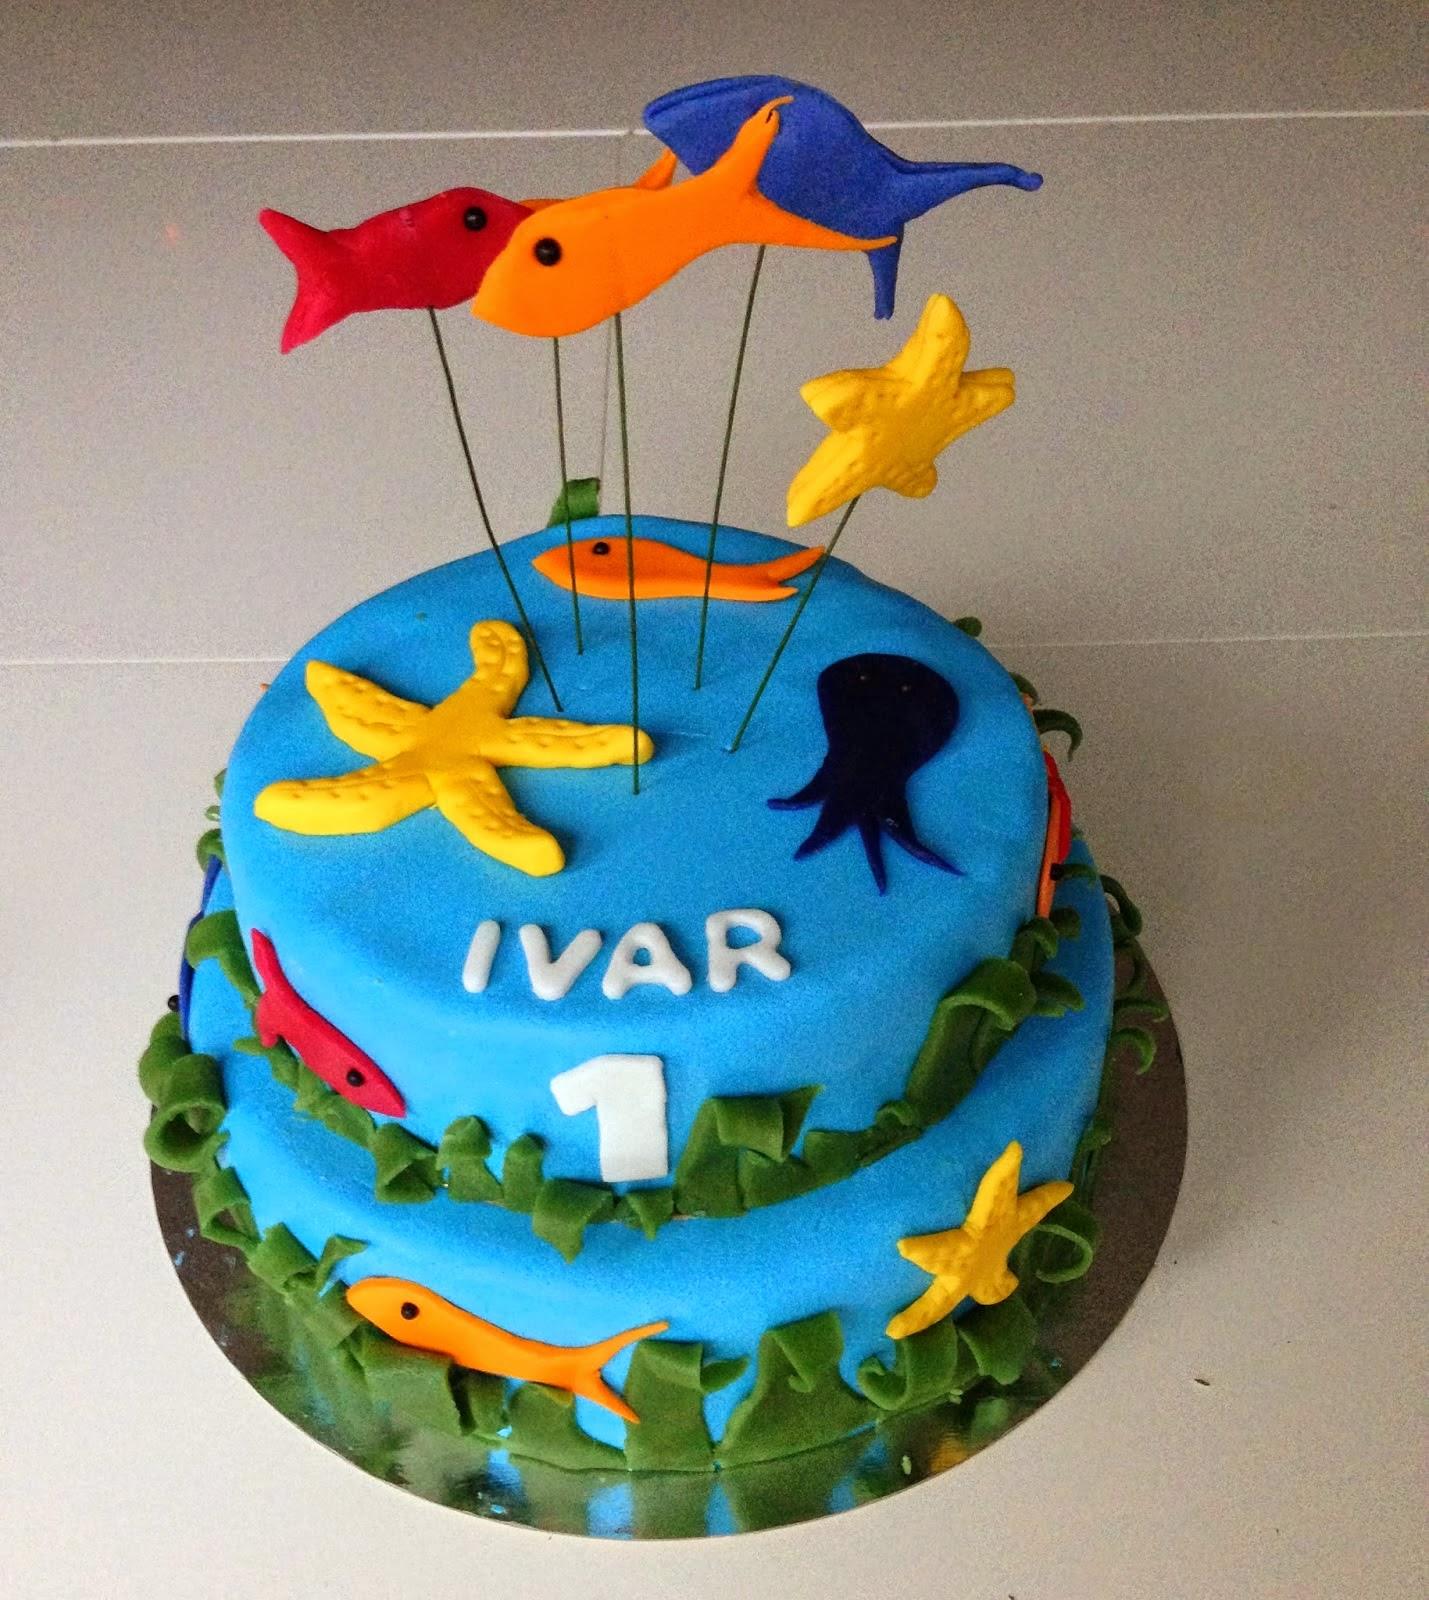 Tårta med havstema , fiskar och sjöstjärnor